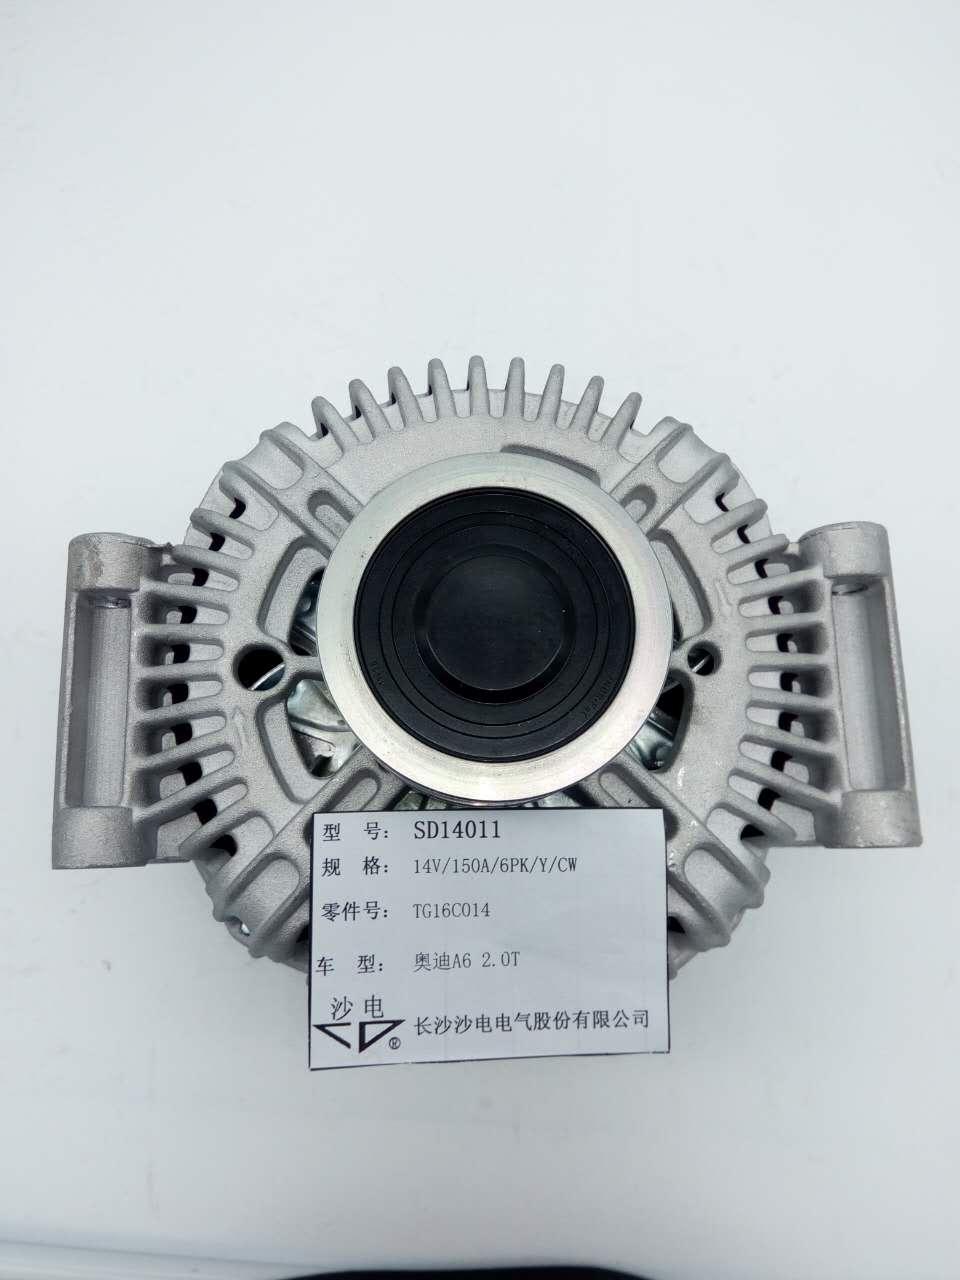 奥迪A6 2.0T发电机TG16C014,SD14011